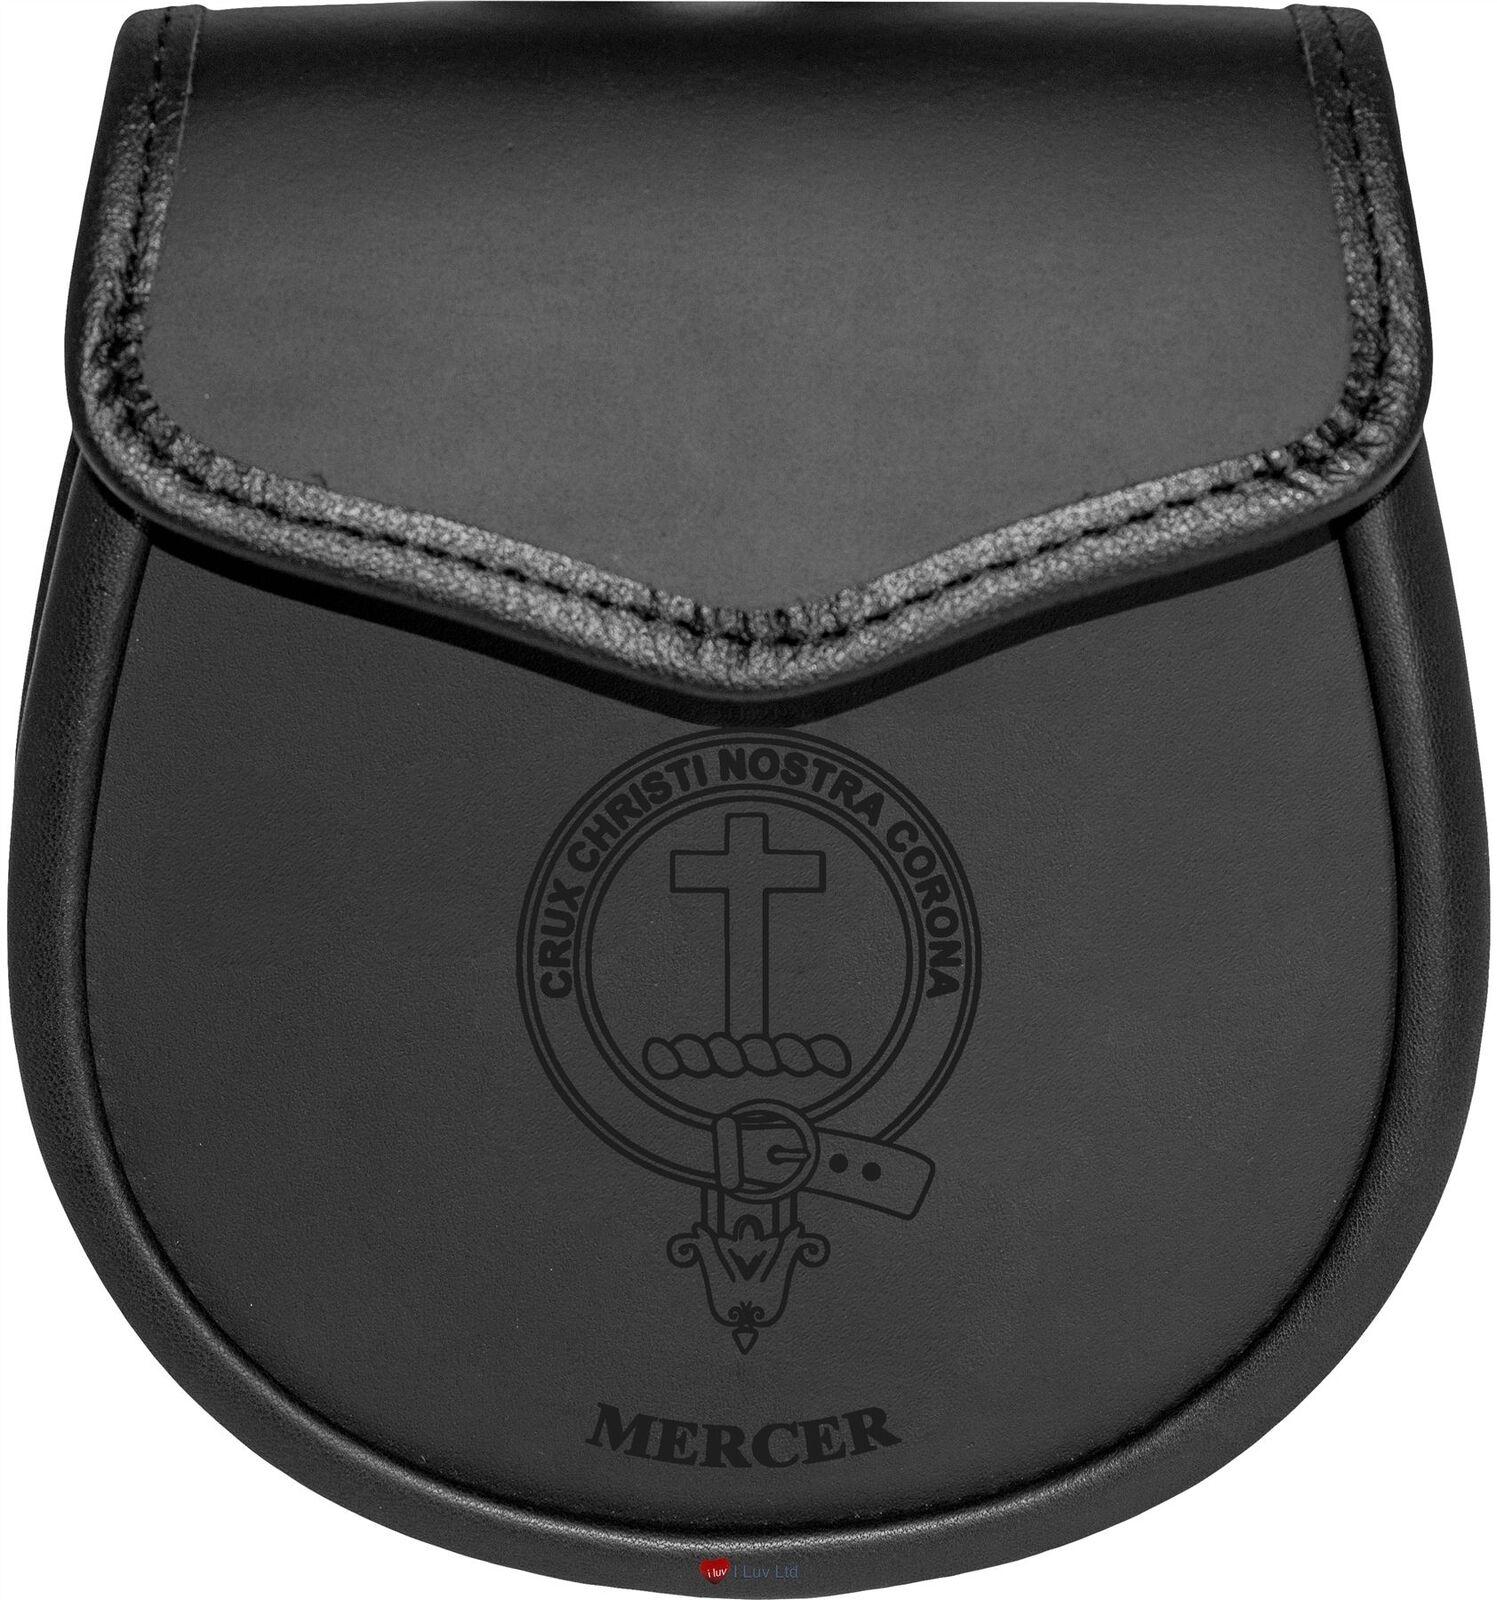 Mercer Leather Day Sporran Scottish Clan Crest